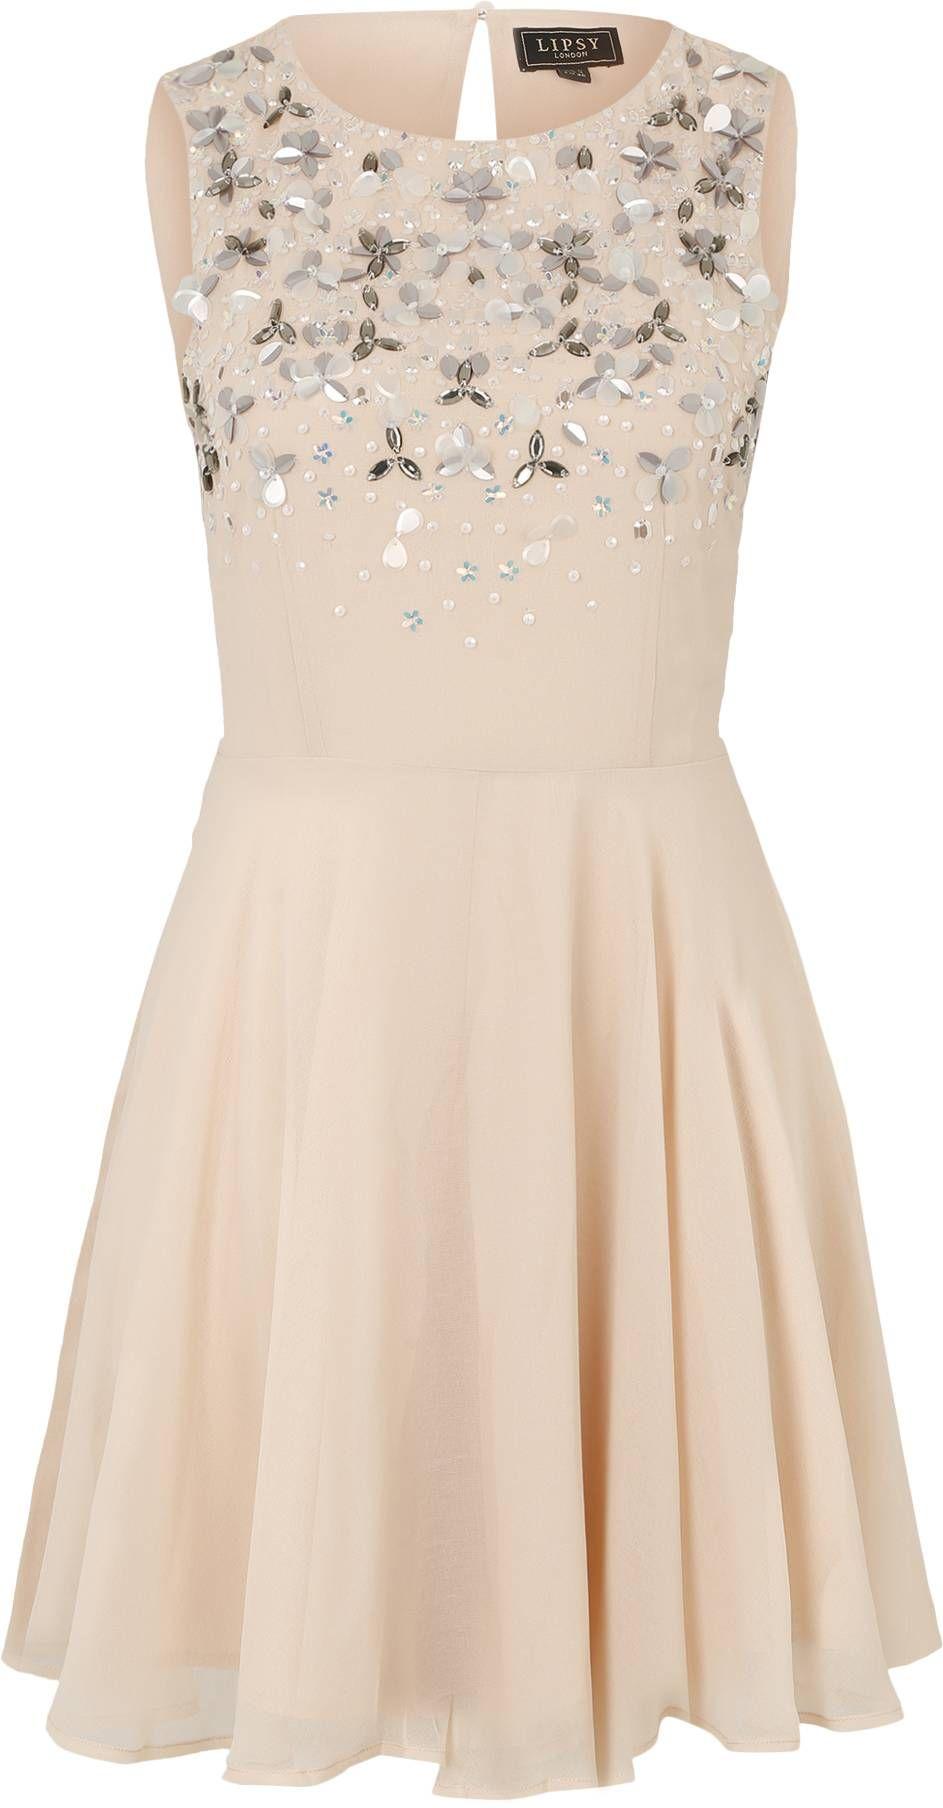 Ausgestelltes Kleid mit Applikationen von Lipsy. Schnelle ...